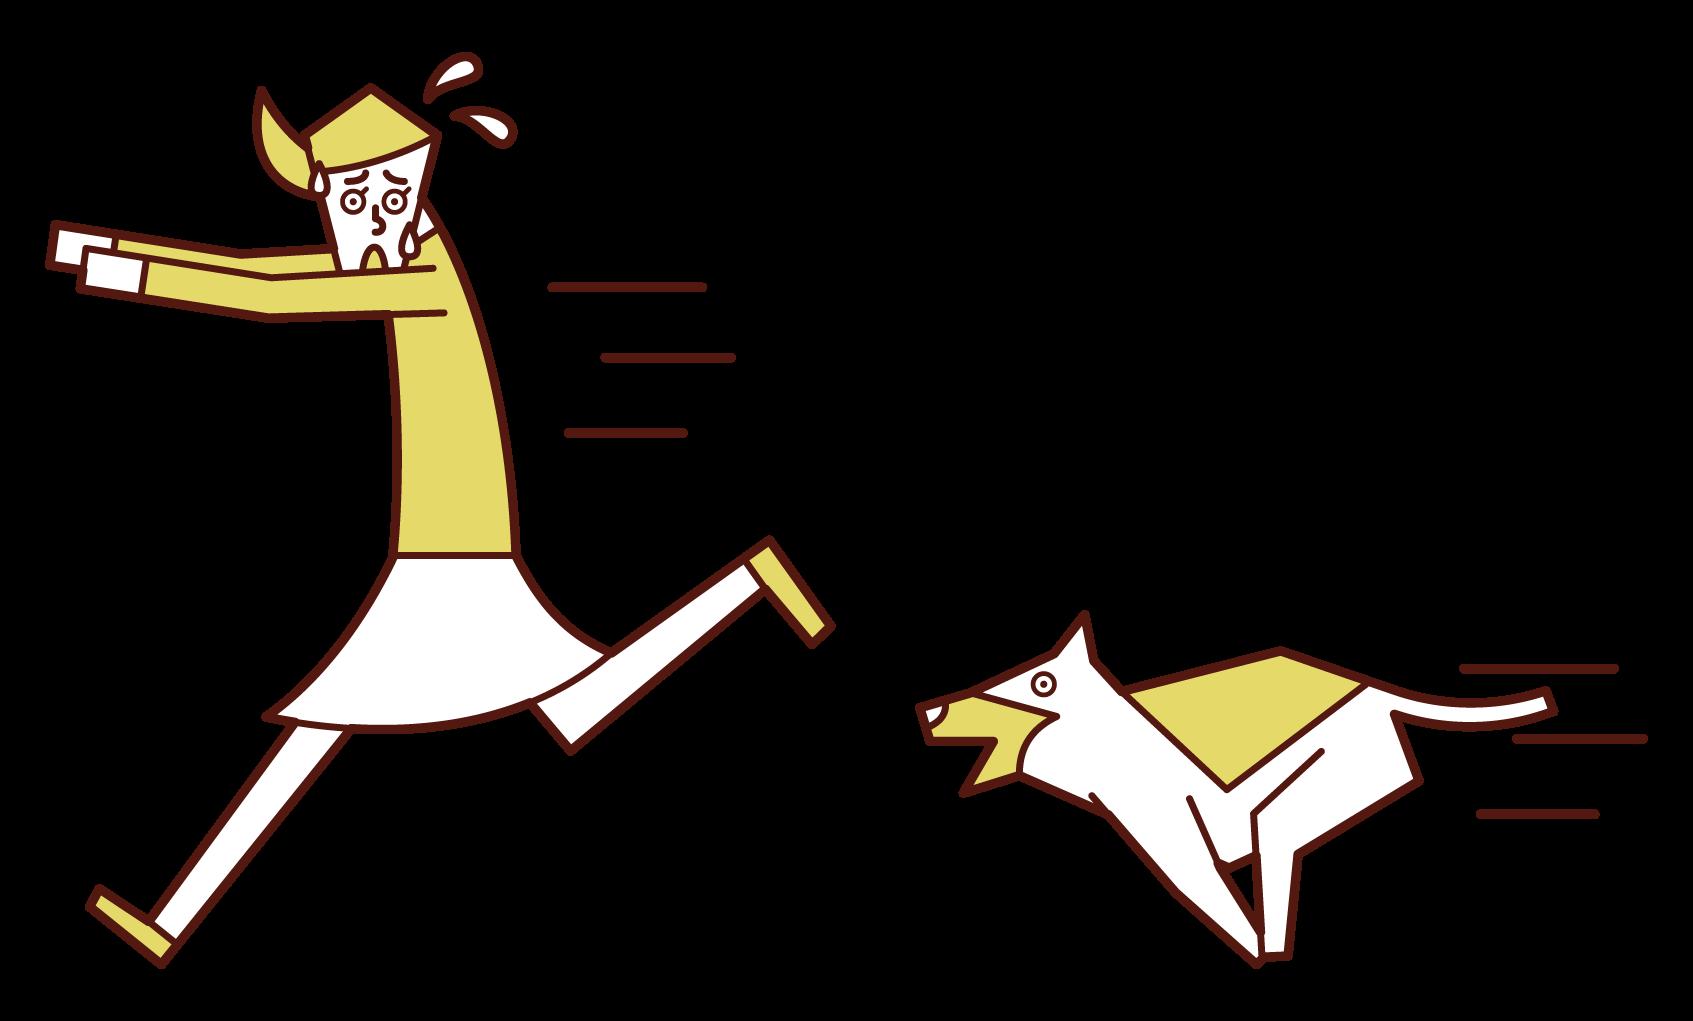 犬に追いかけられて逃げる人(女性)のイラスト